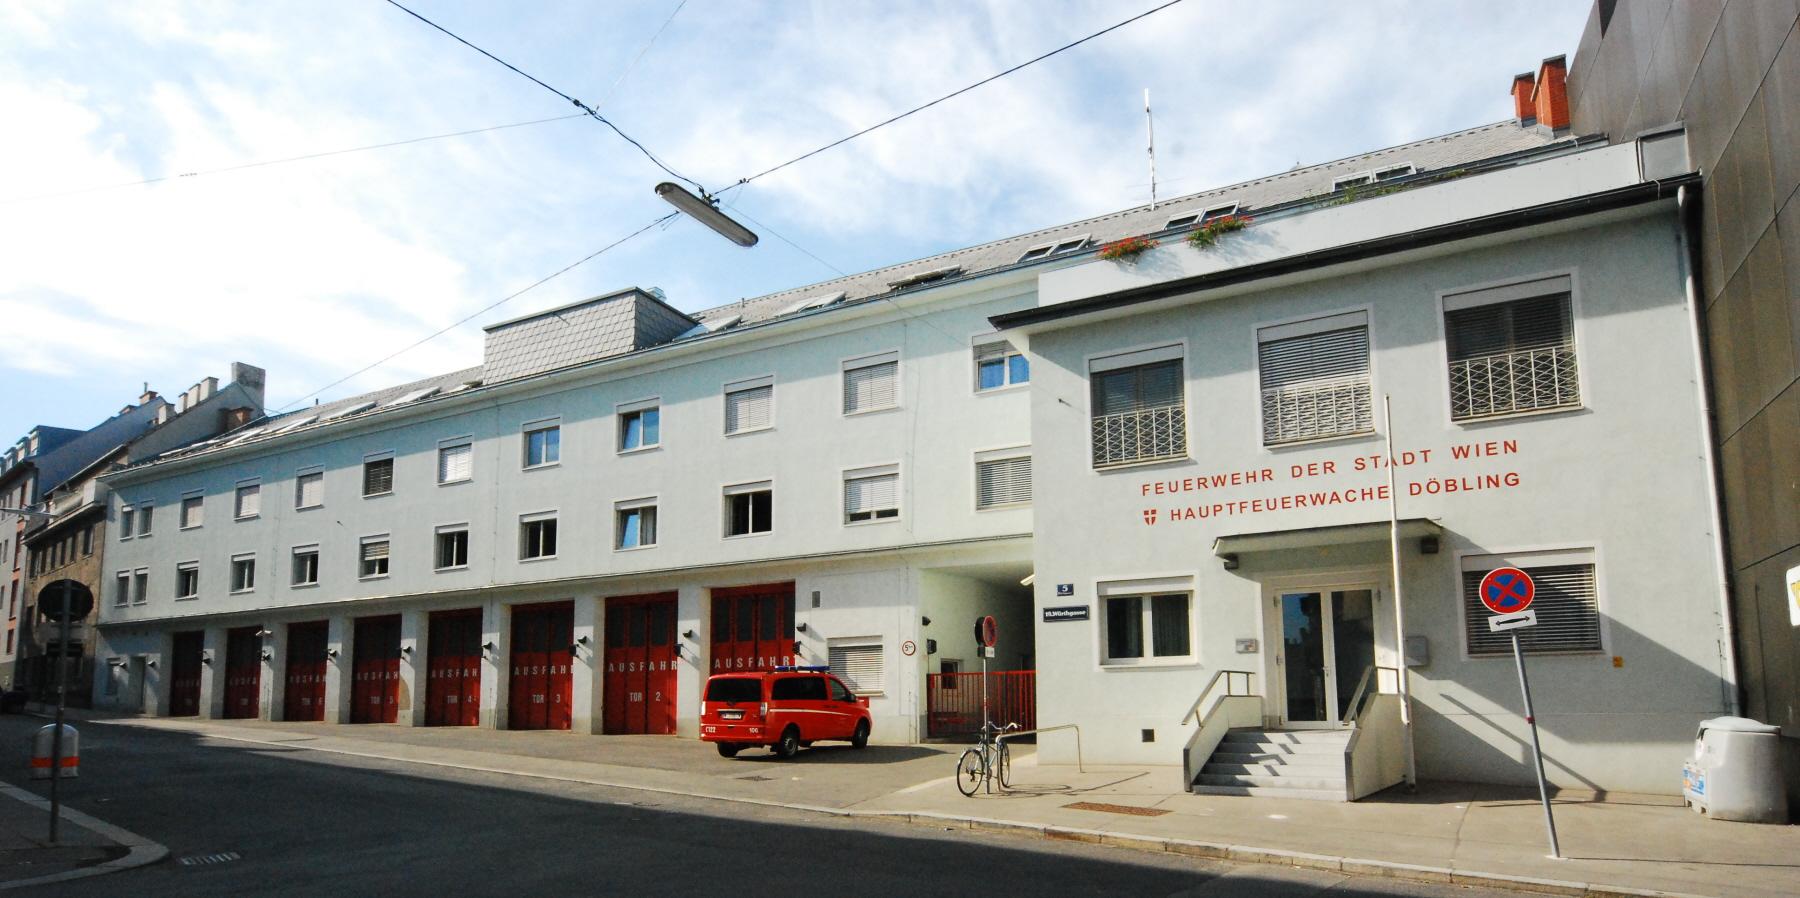 GuentherZ 2012-08-01 0119 Wien19 Hauptfeuerwache Doebling.jpg